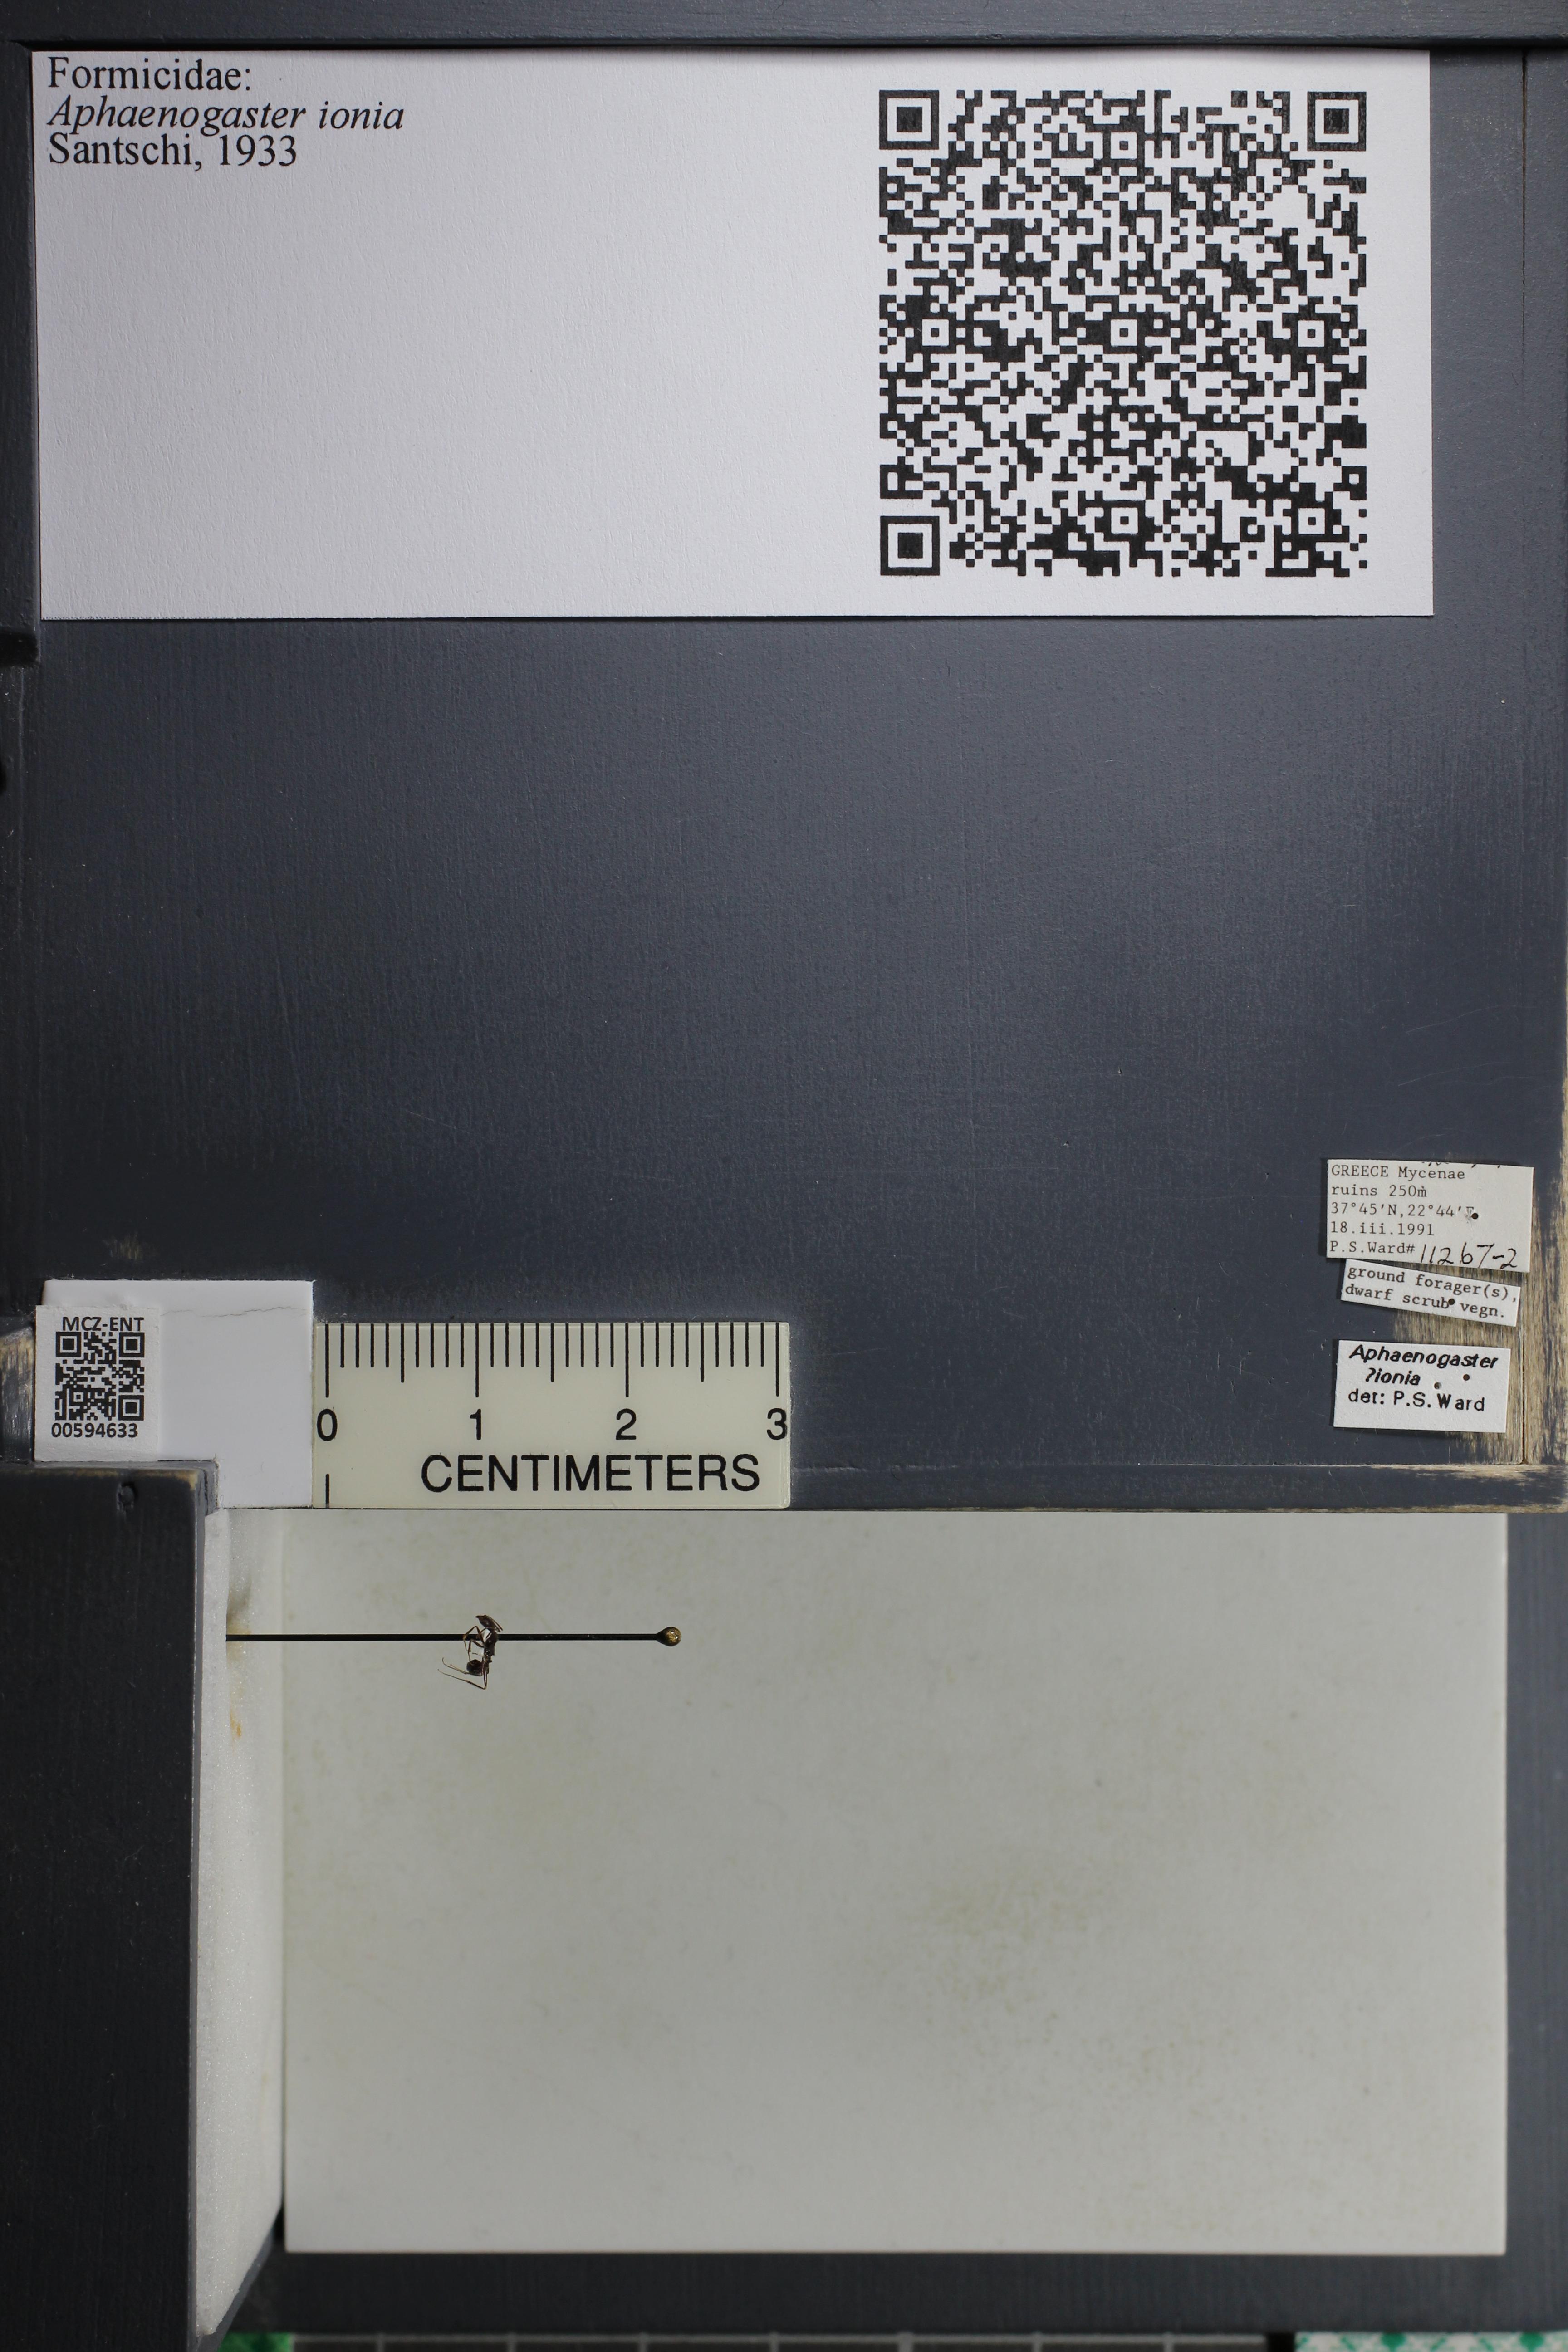 Image of Aphaenogaster ionia